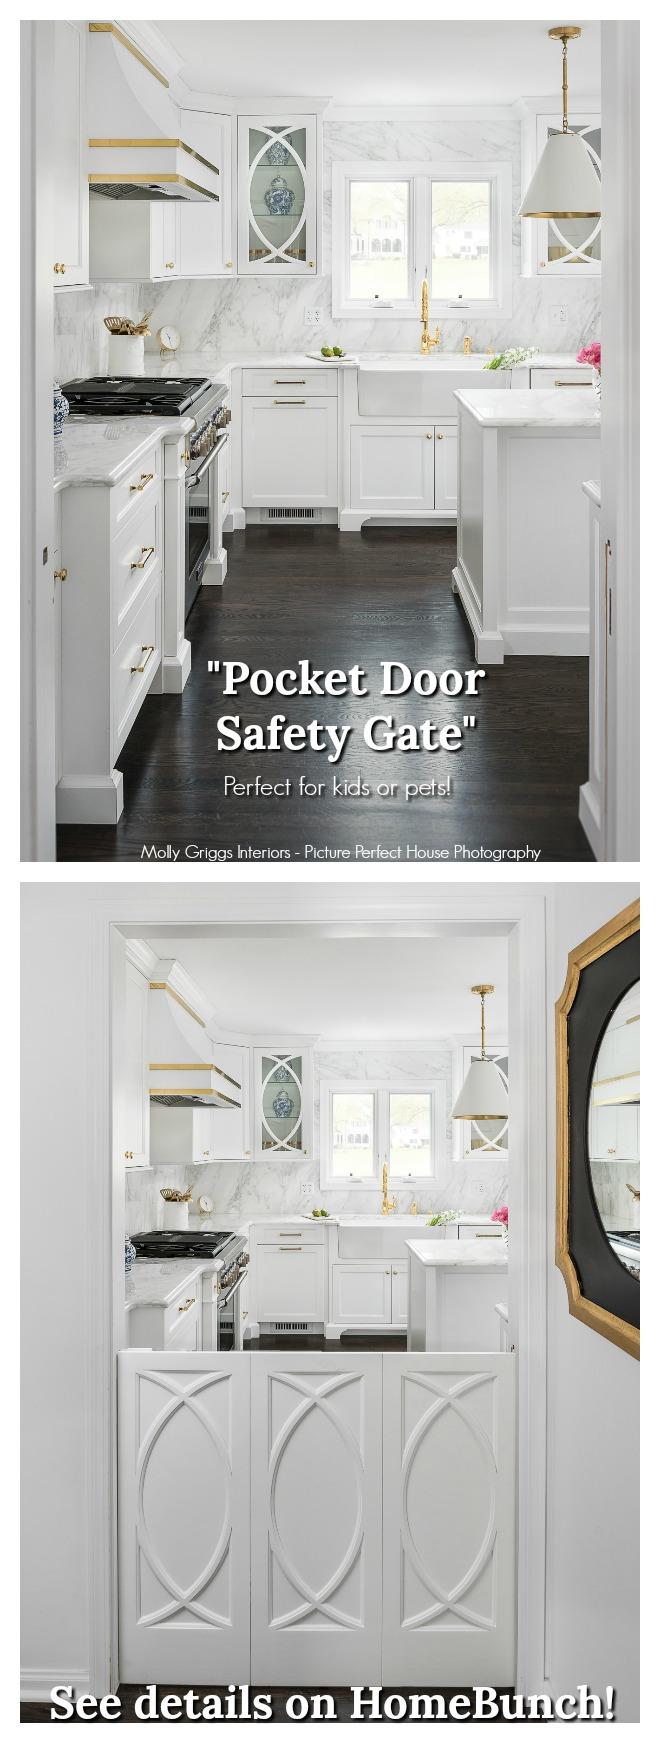 """Pocket Door Gate Pocket Door Gate This custom safety gate works the same as a """"pocket door"""" would #safetygate #pocketdoorgate #slidinggate #indoorgate #kidsgate"""